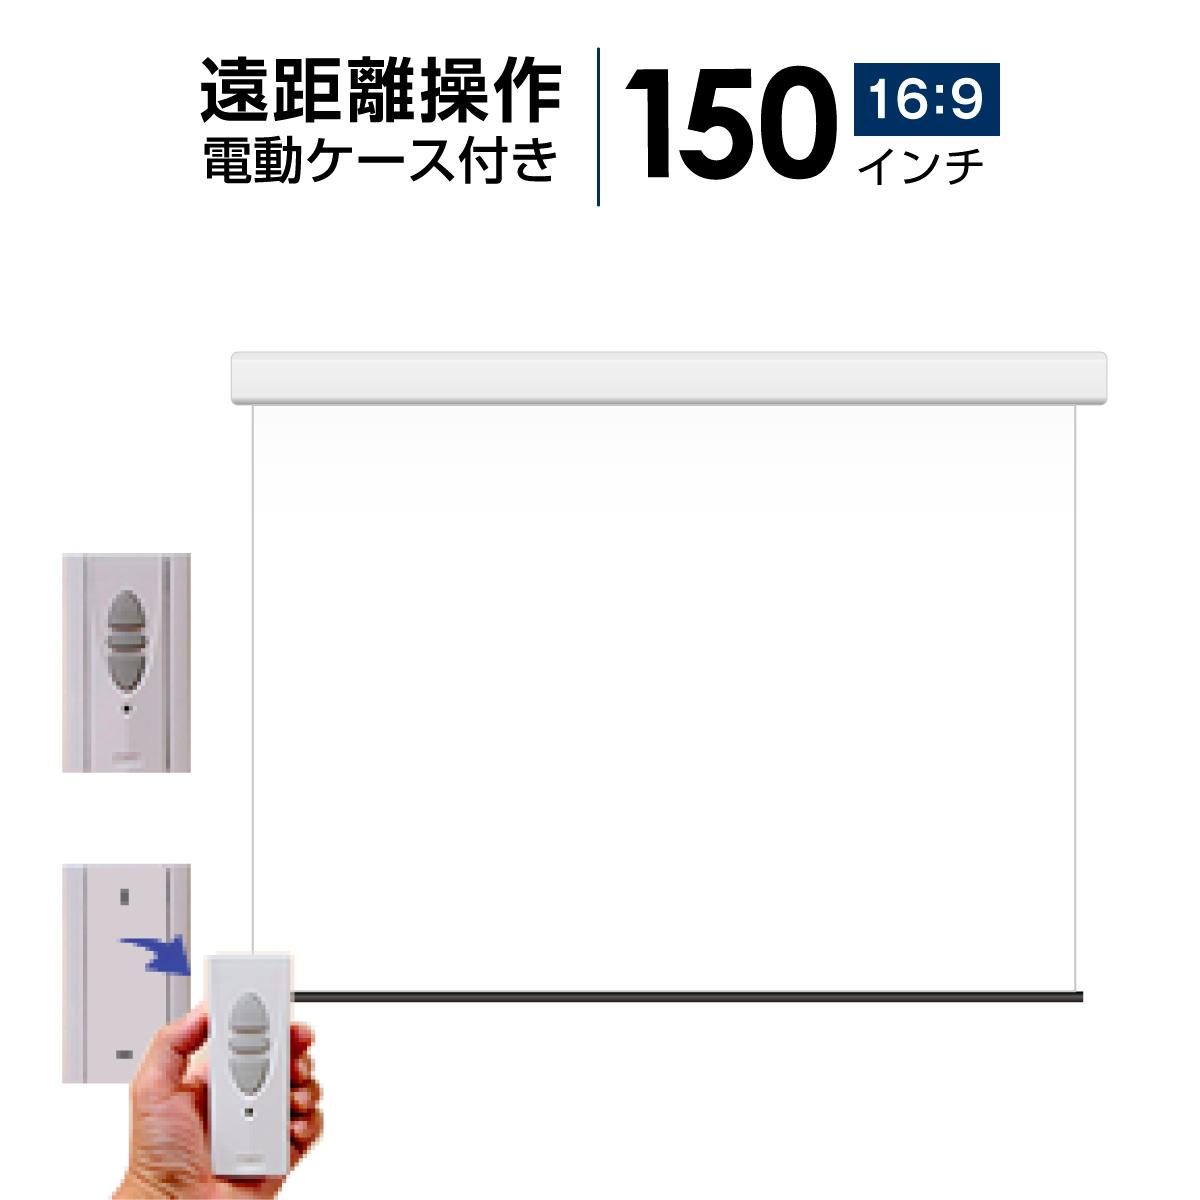 プロジェクタースクリーン 電動遠距離ケース付きタイプ150インチ(16:9) マスクフリー WCR3330FEH